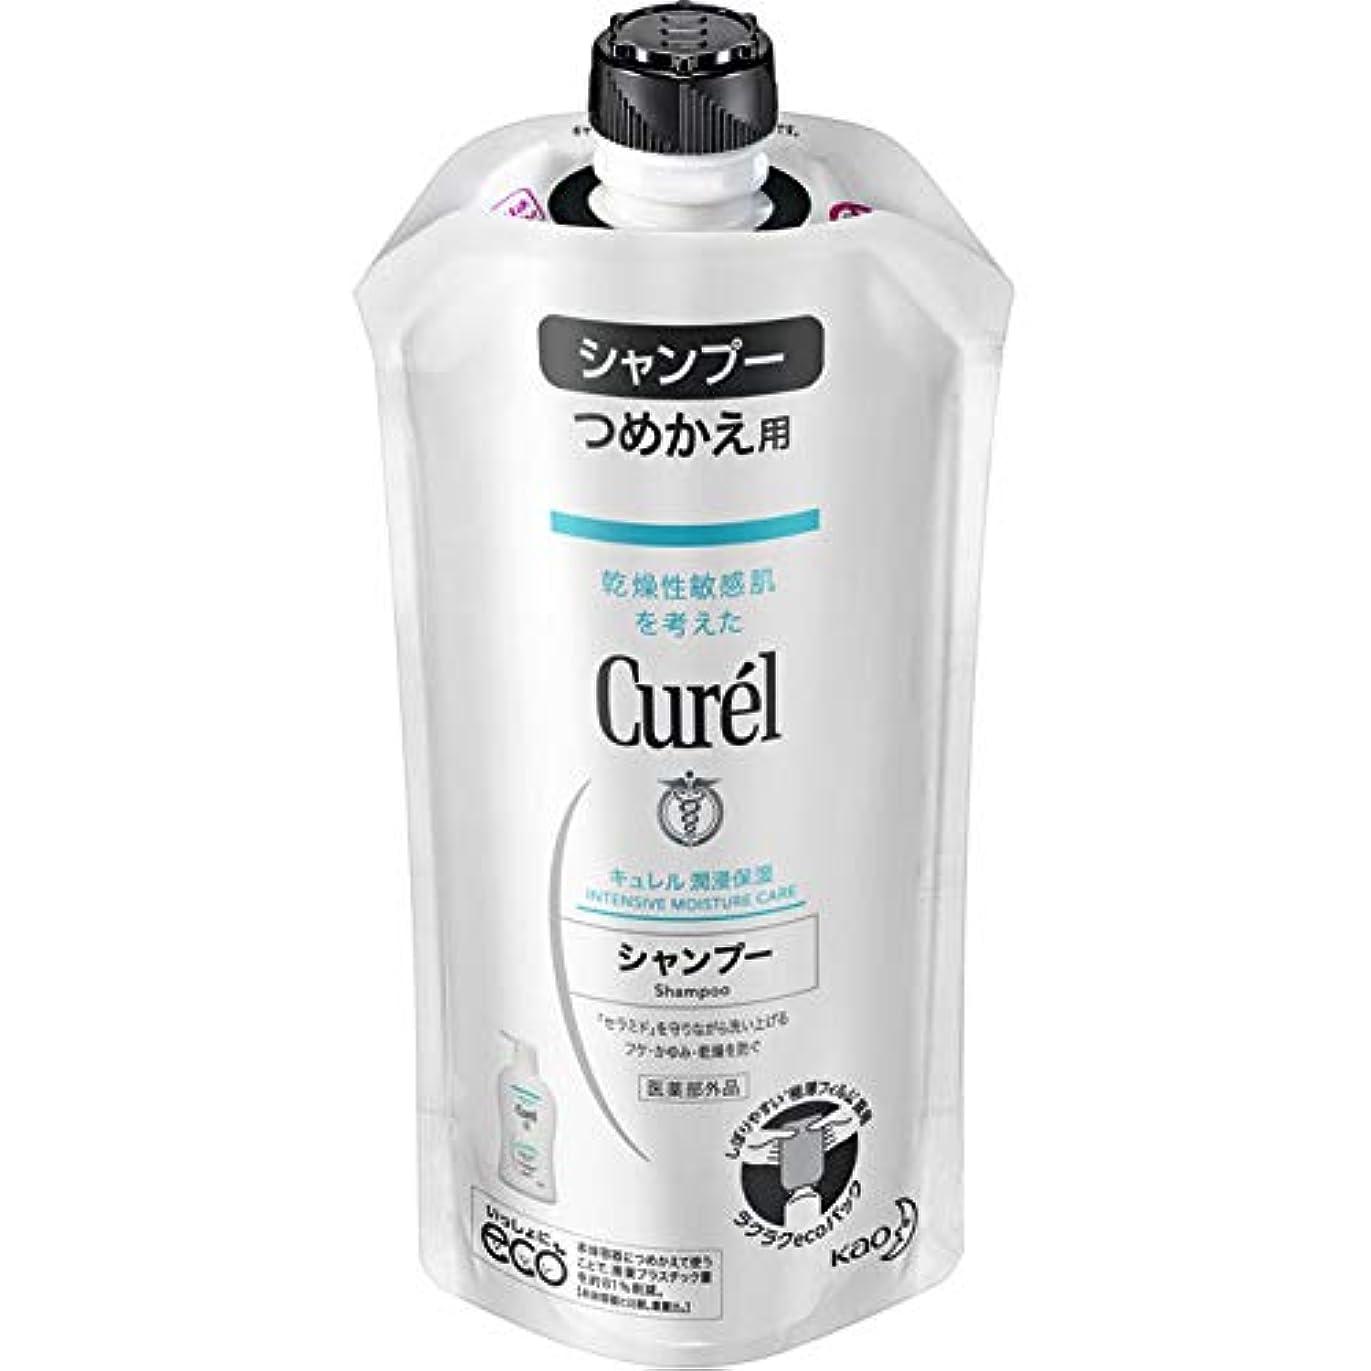 キュレル シャンプー つめかえ用 340ml (赤ちゃんにも使えます) 弱酸性 ? 無香料 ? 無着色